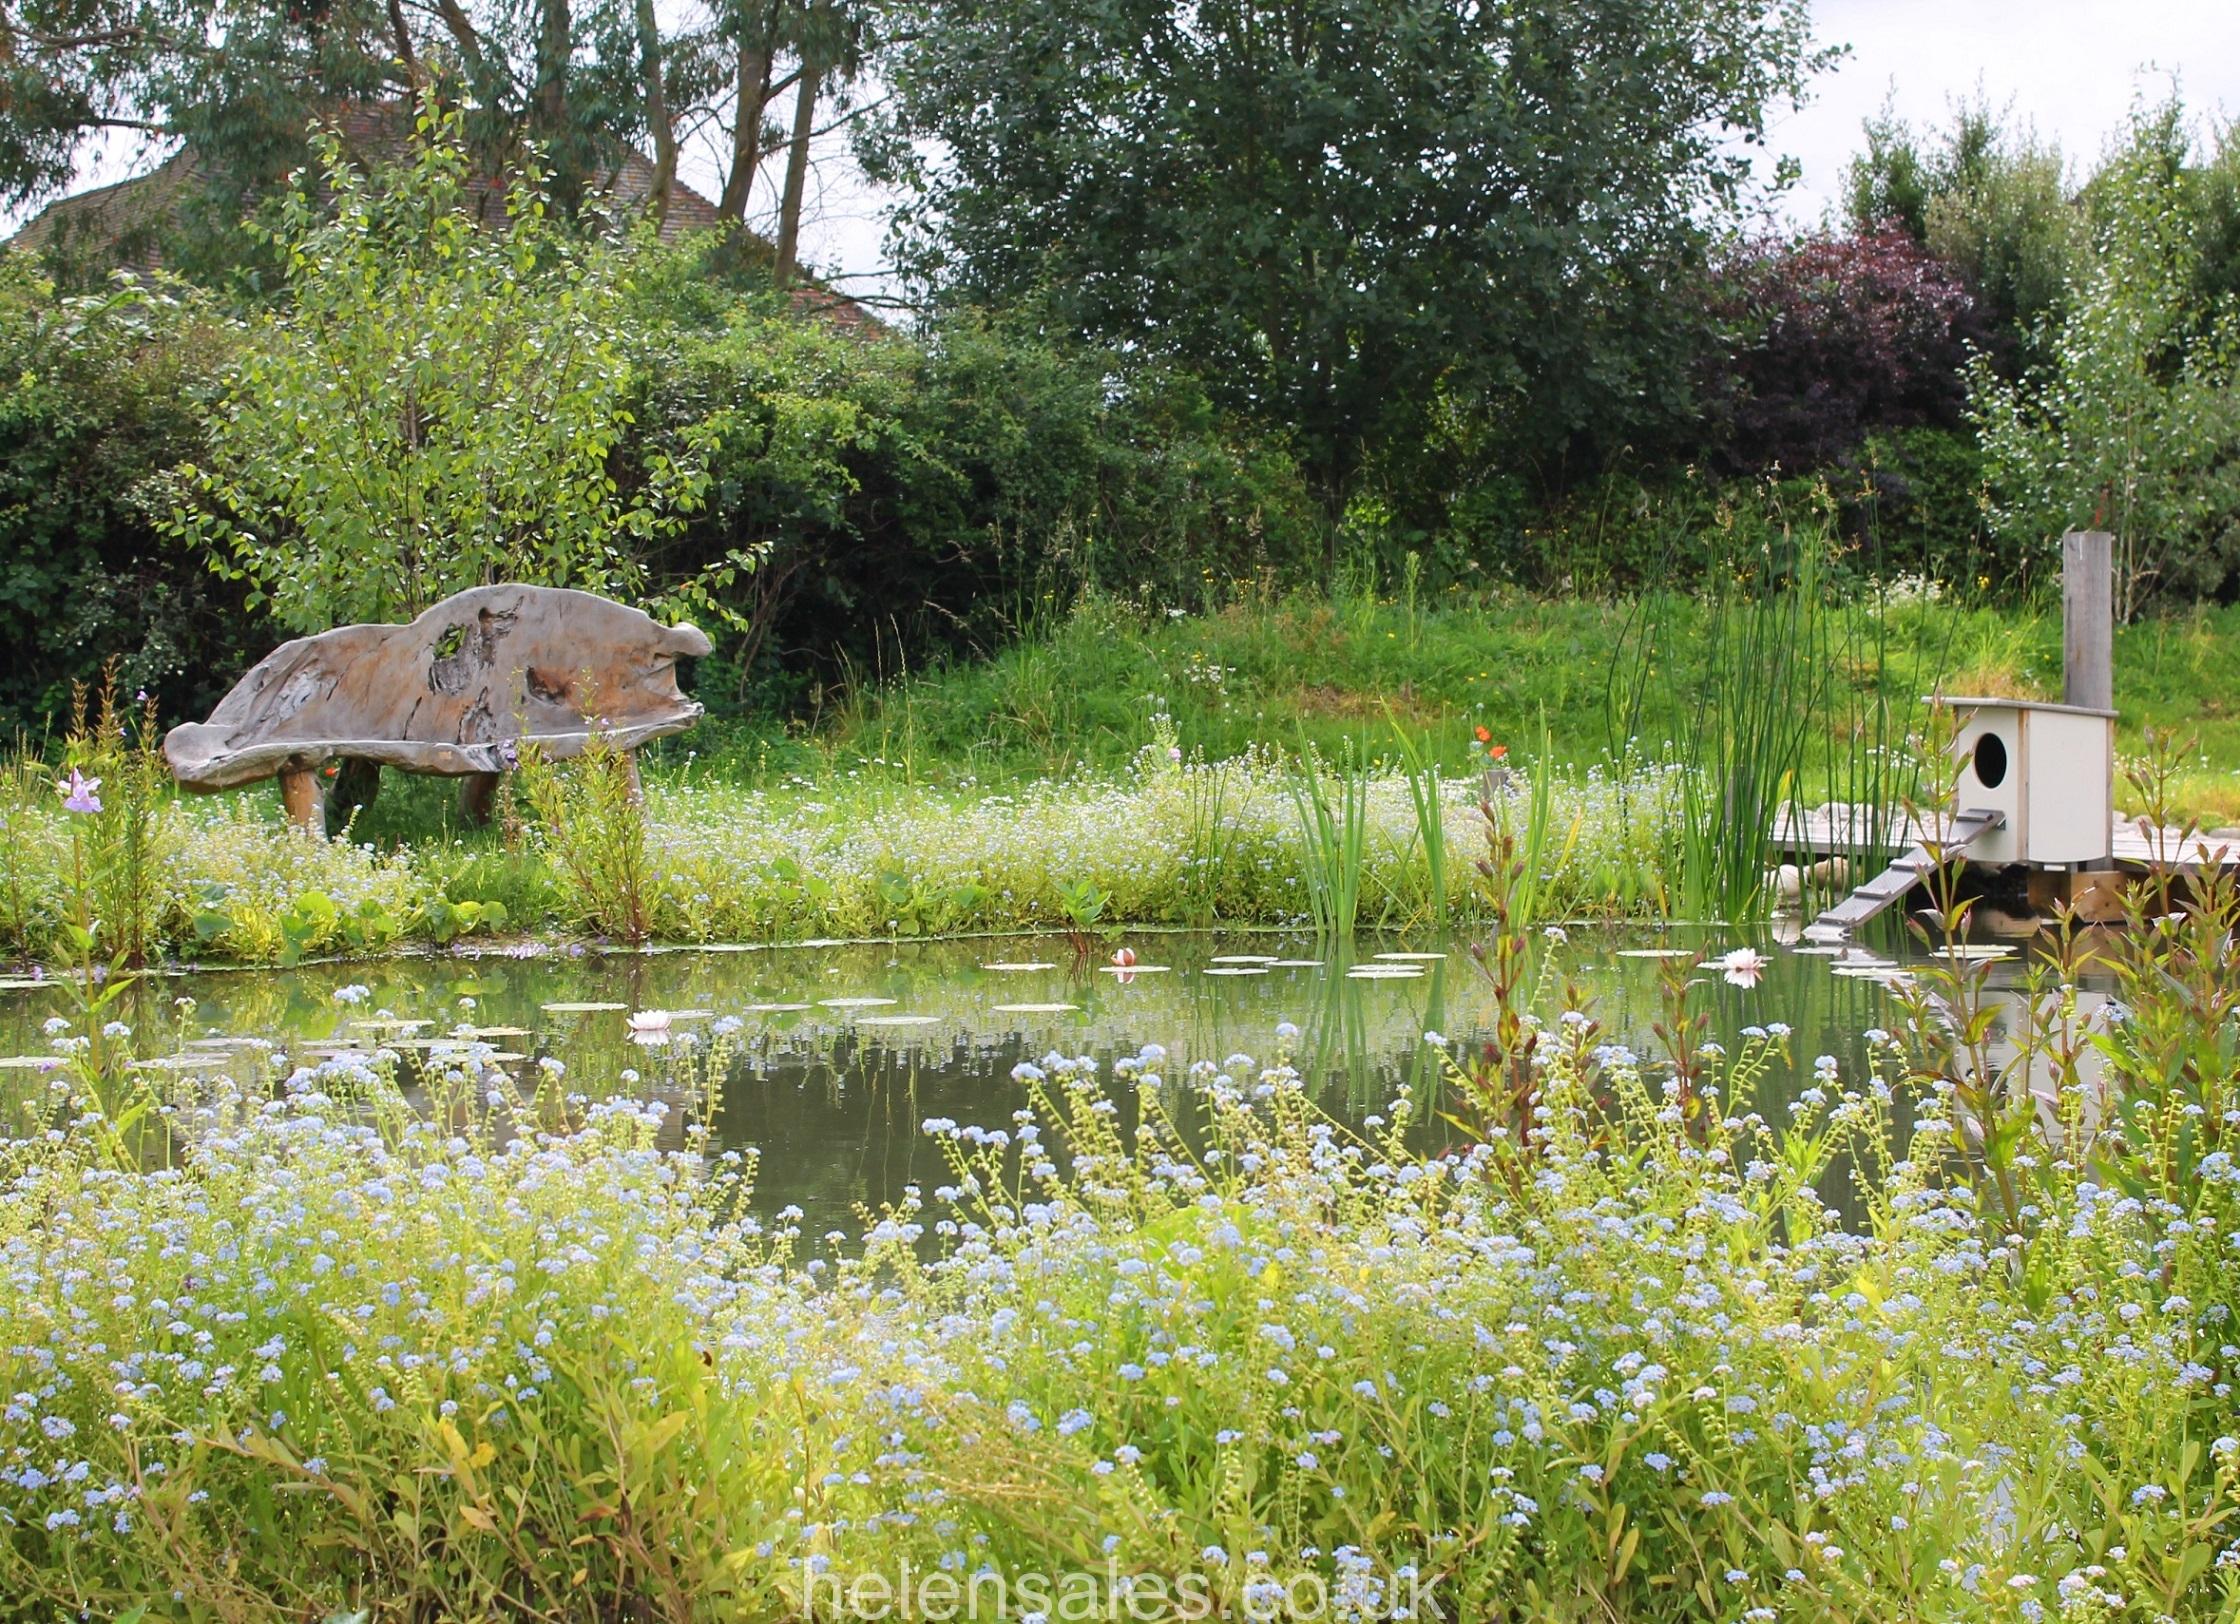 Wildlife pond berkshire helen sales garden design for Wildlife pond design uk